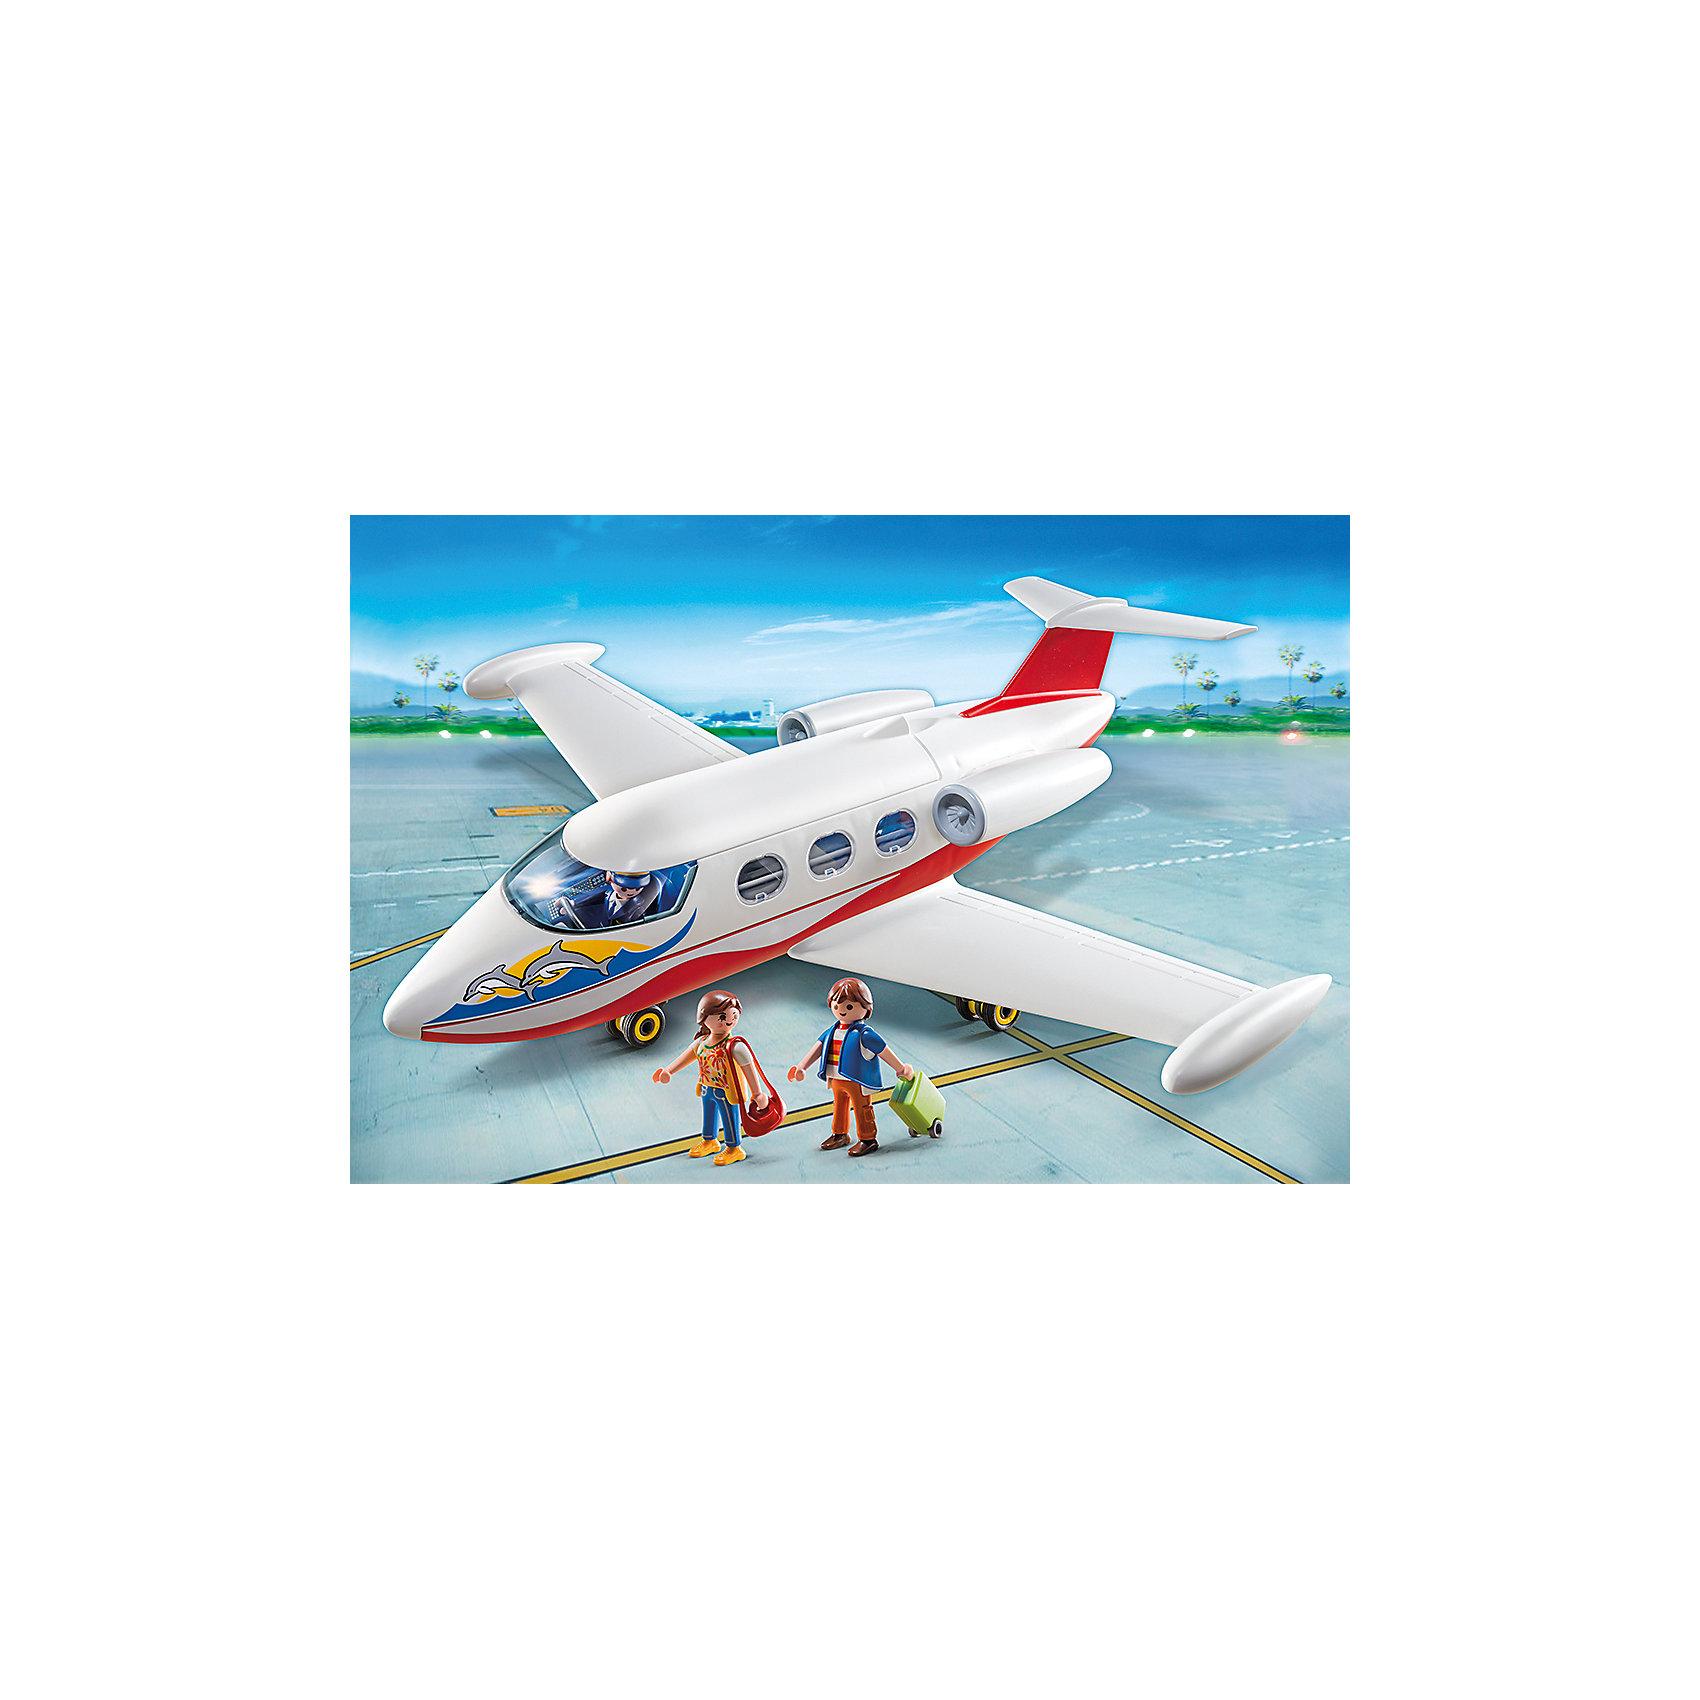 PLAYMOBIL® Каникулы: Самолет с туристами, PLAYMOBIL playmobil® playmobil 5289 секретный агент мега робот с бластером